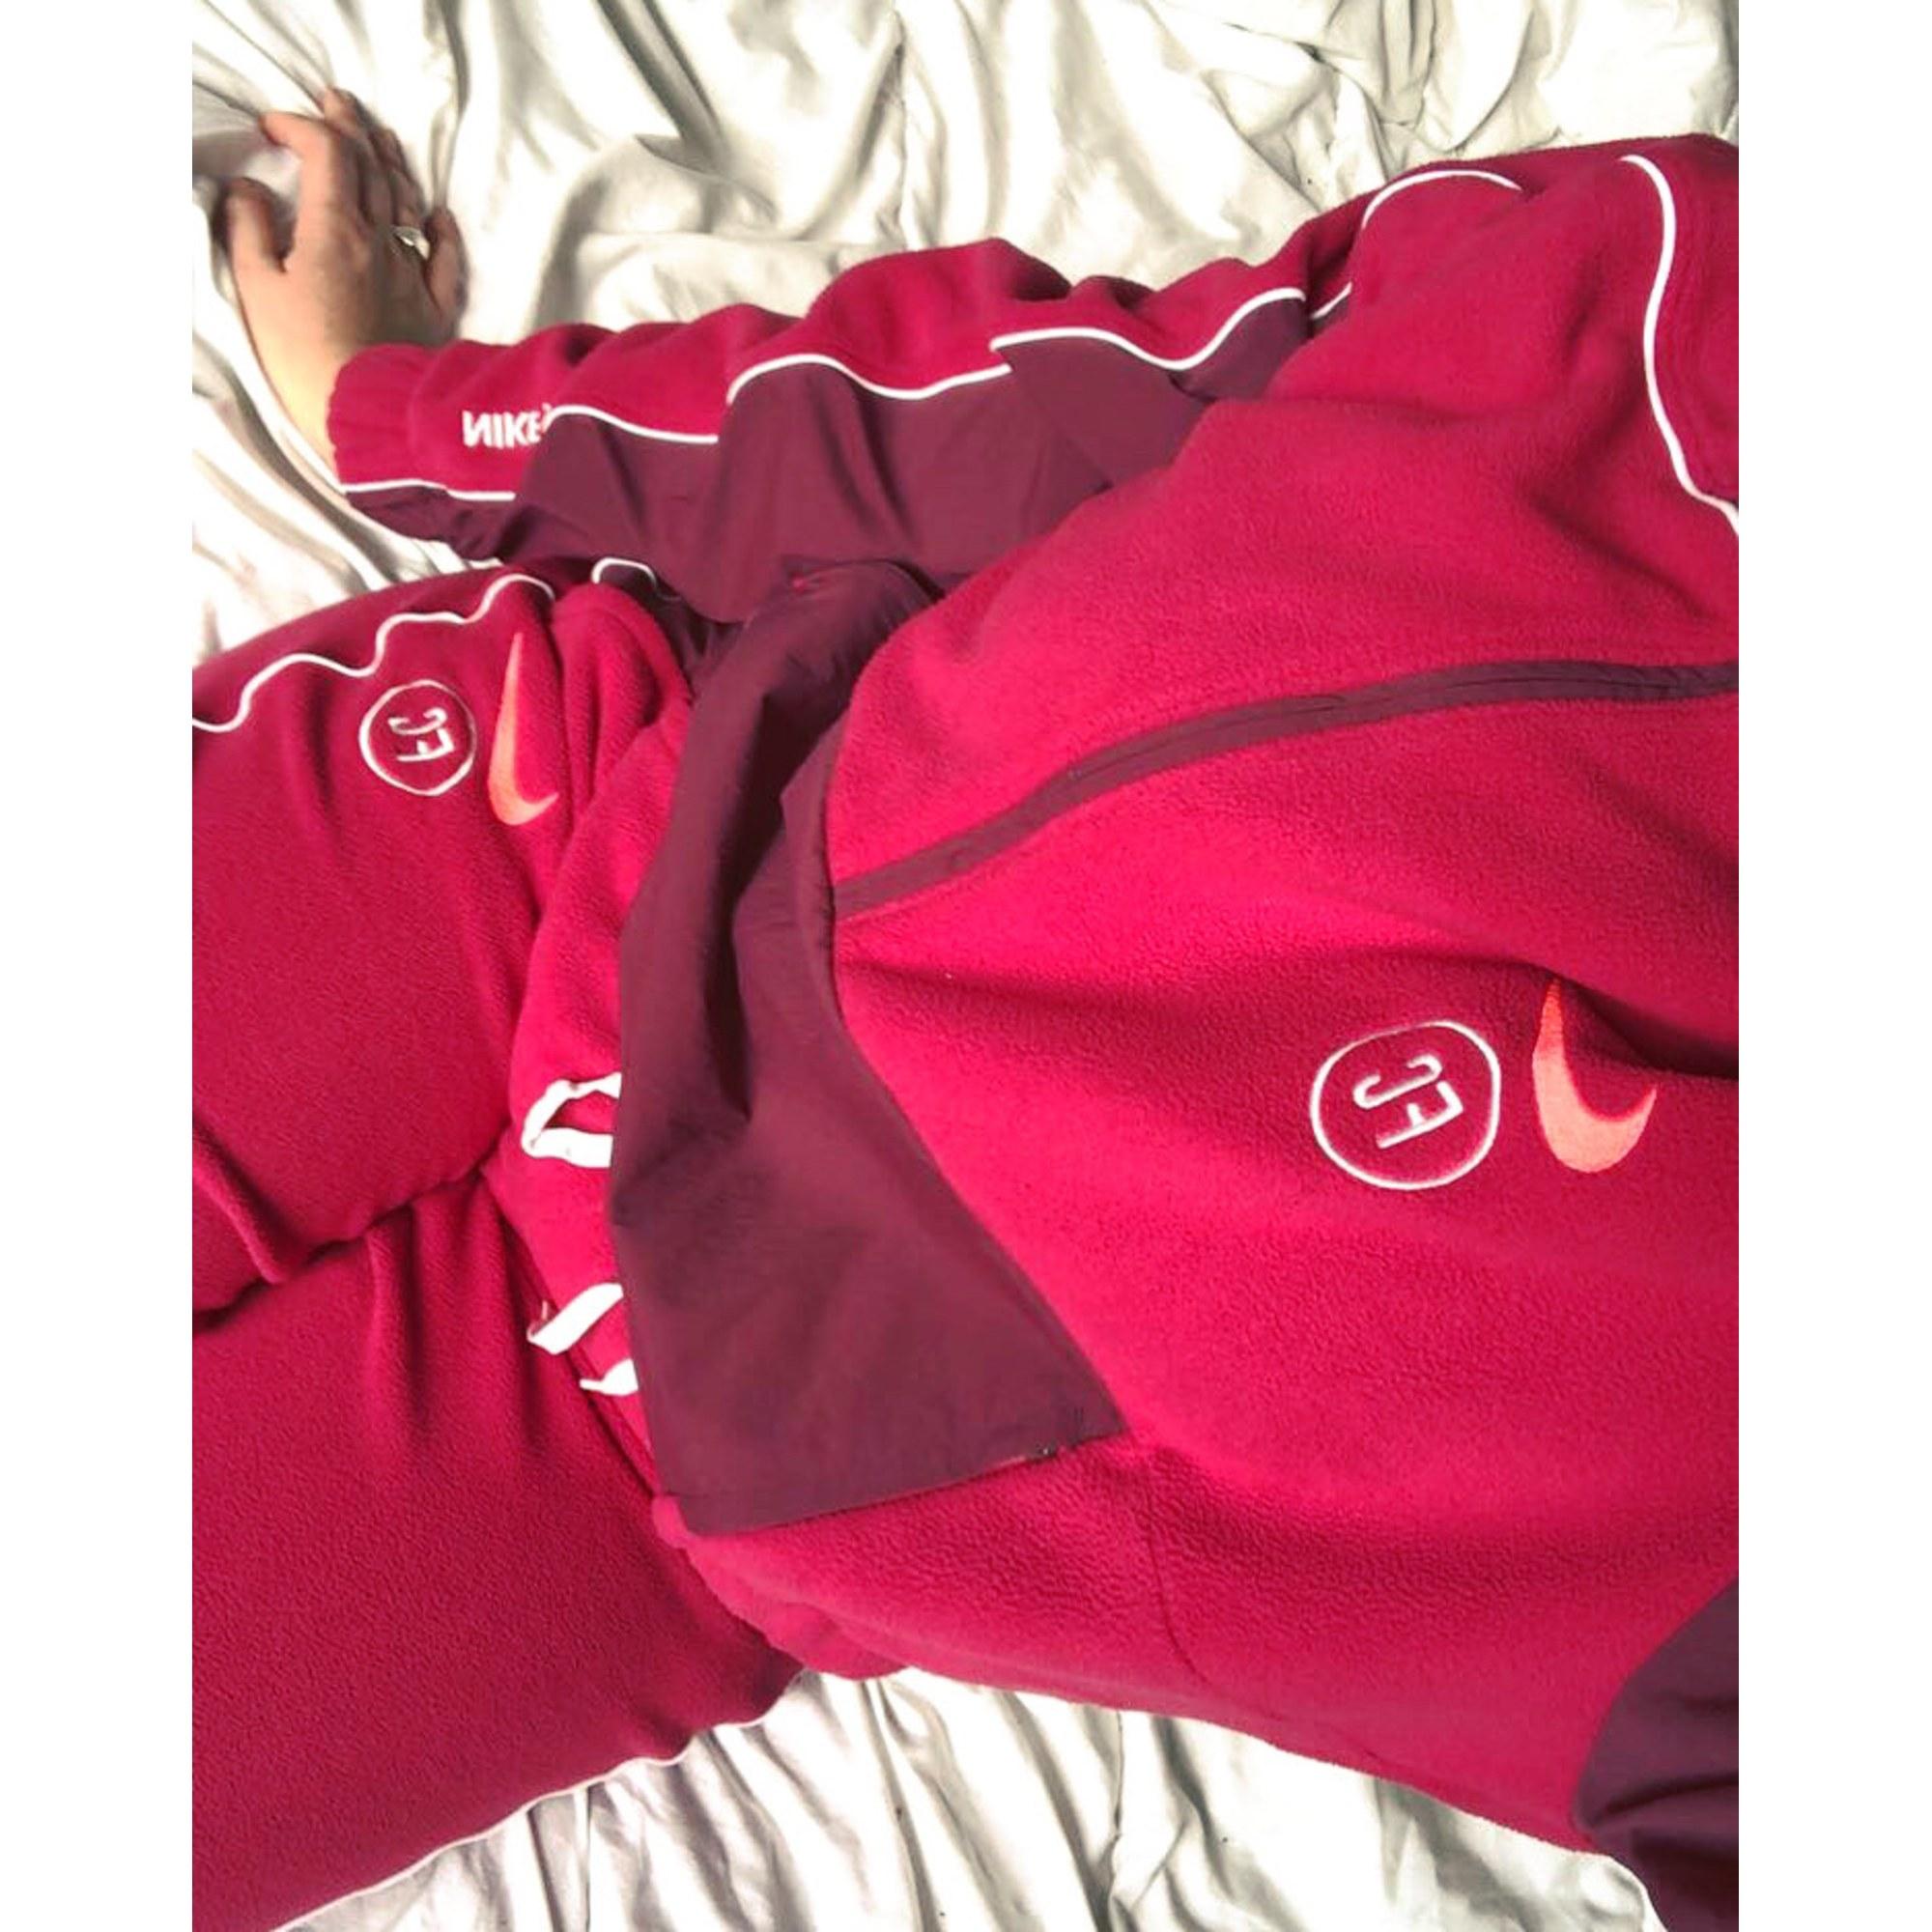 Ensemble jogging NIKE Rouge, bordeaux